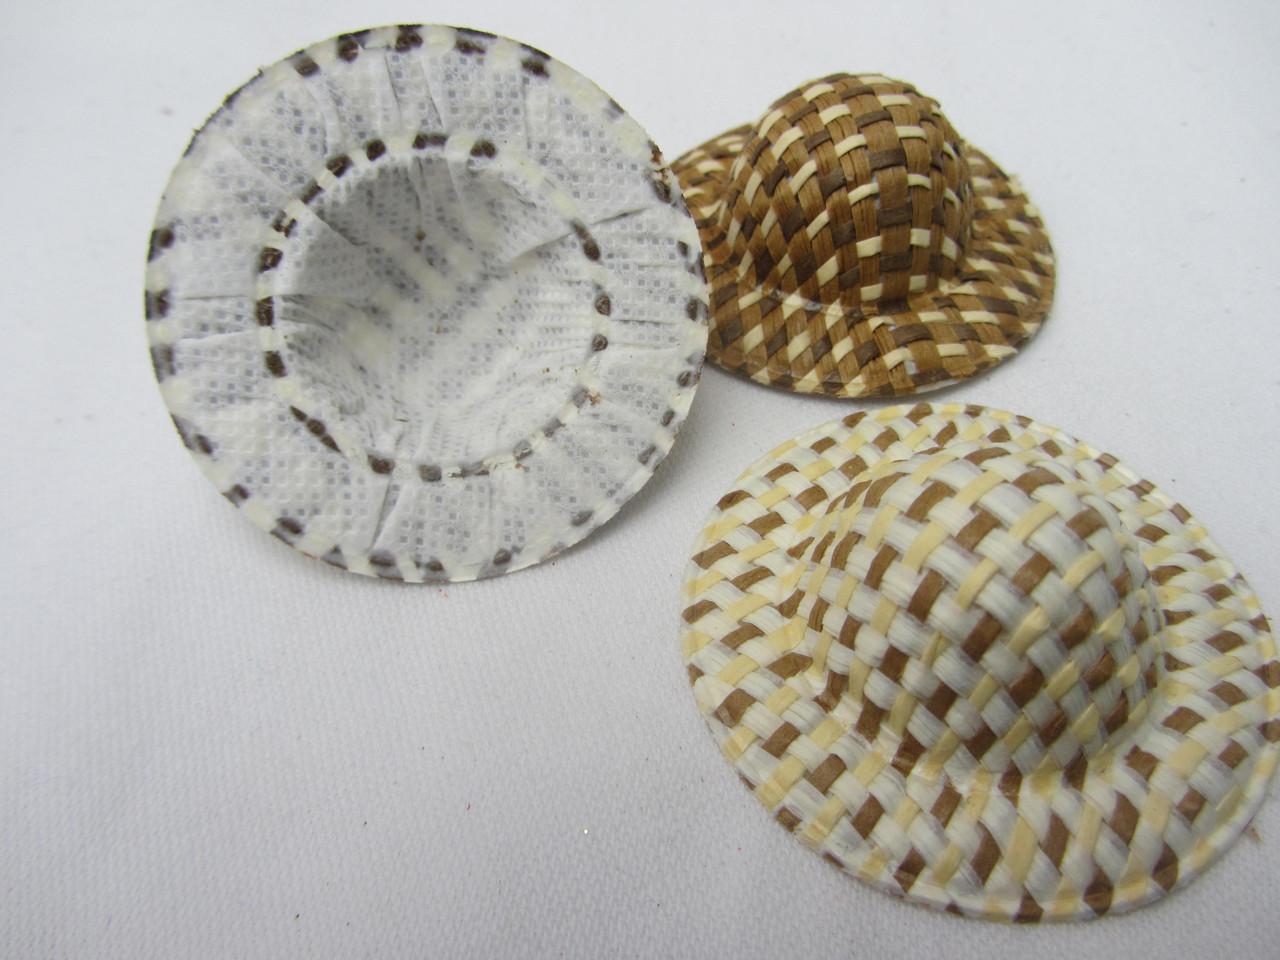 Шляпки, д-5 см, в-1,5 см 8/10 (цена за 1 шт. +2 грн.)